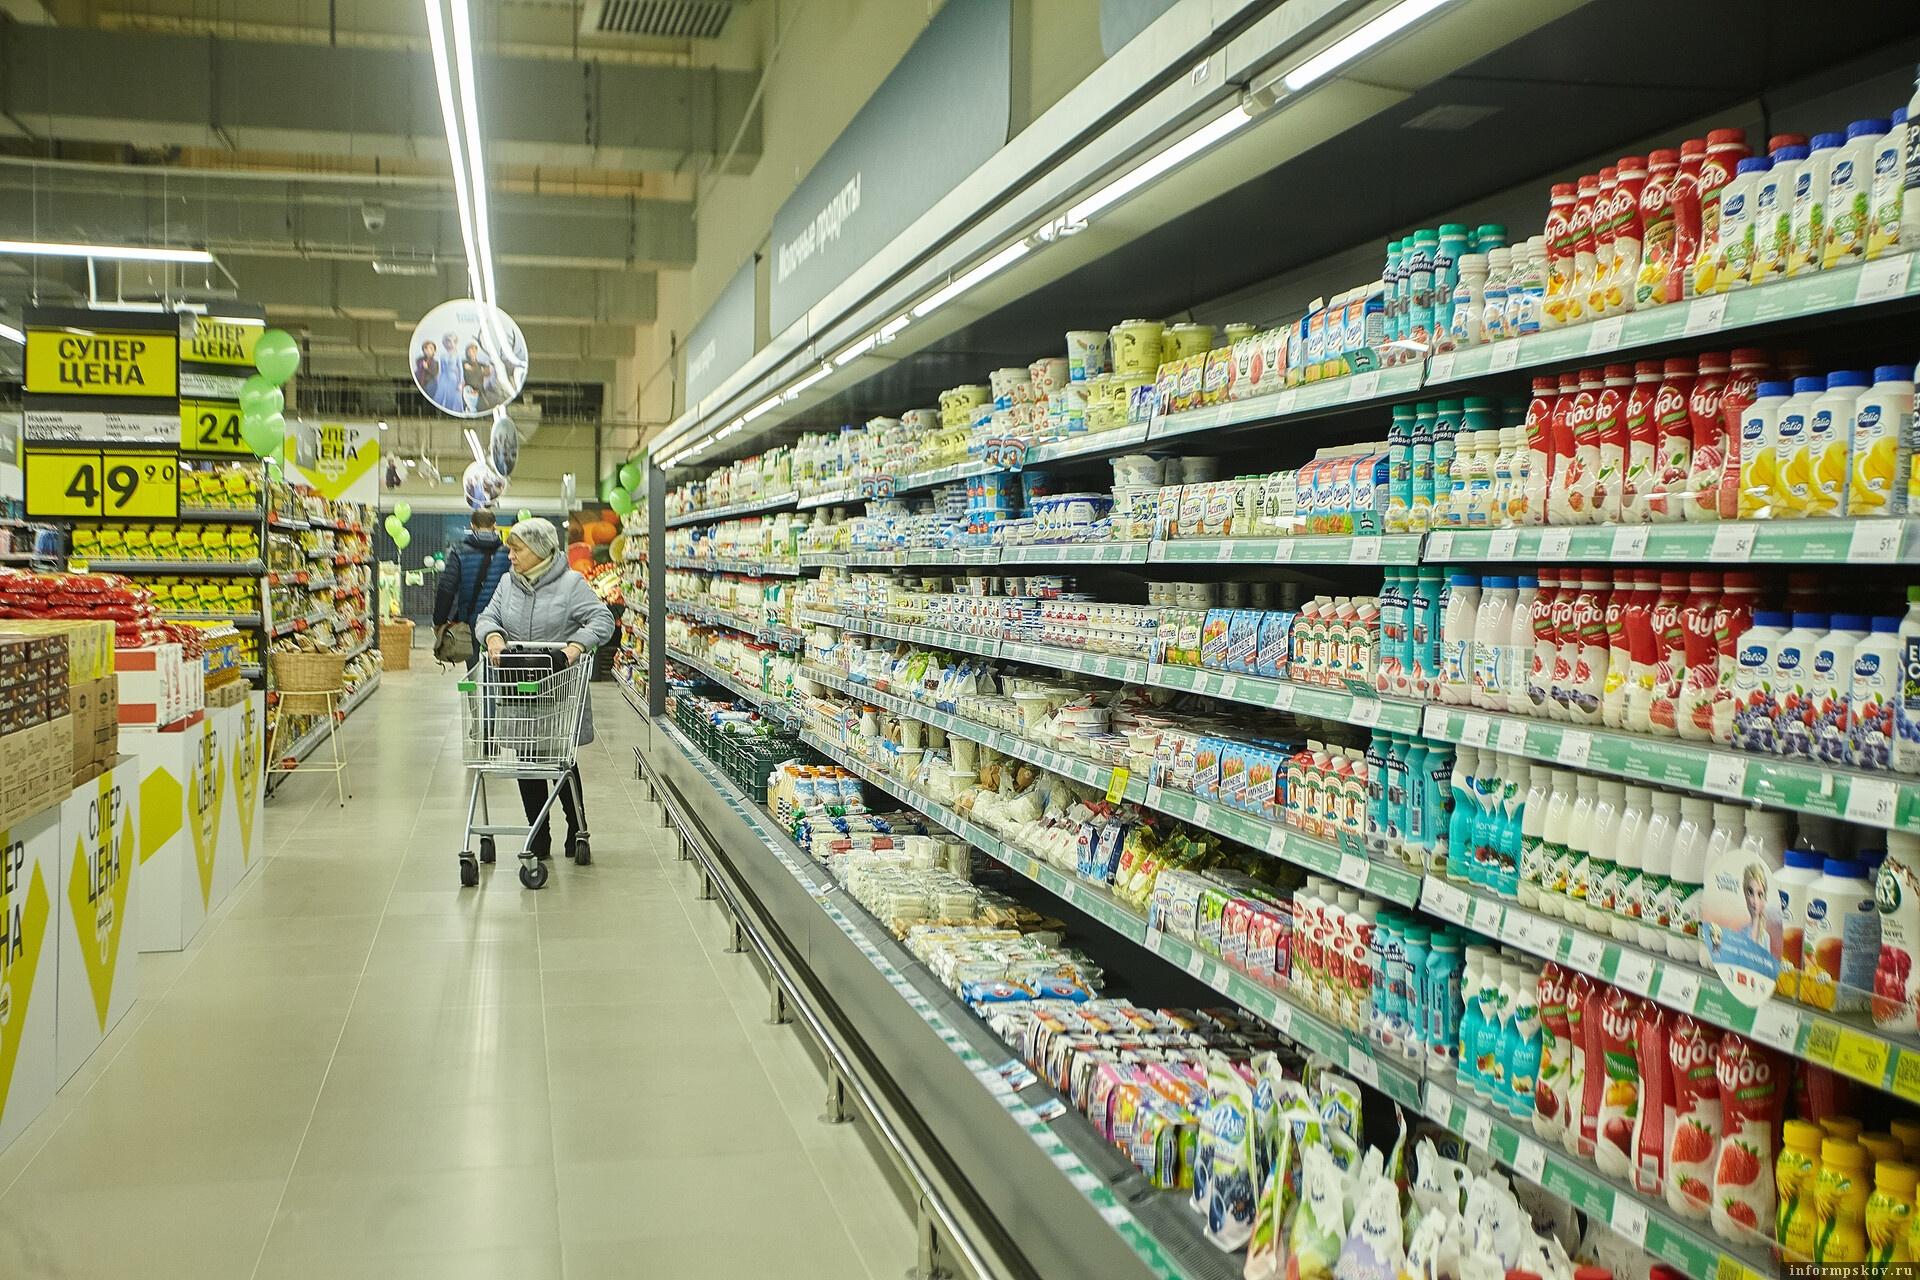 Вся продукция была направлена на предприятия и поступит на прилавки магазинов. Фото: Дарья Хваткова.